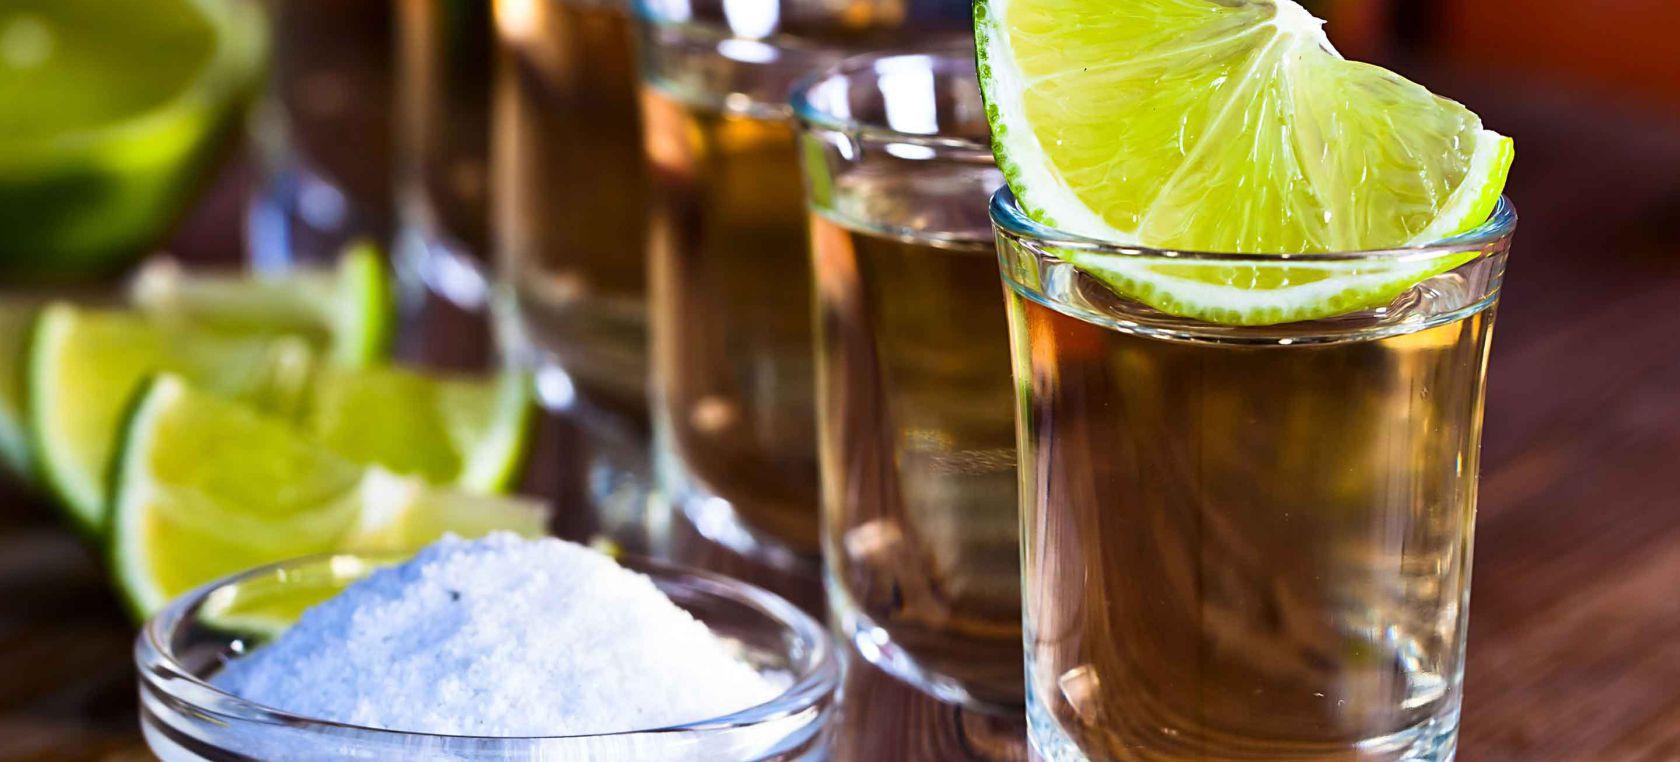 Resultado de imagen para tequila MEXICO